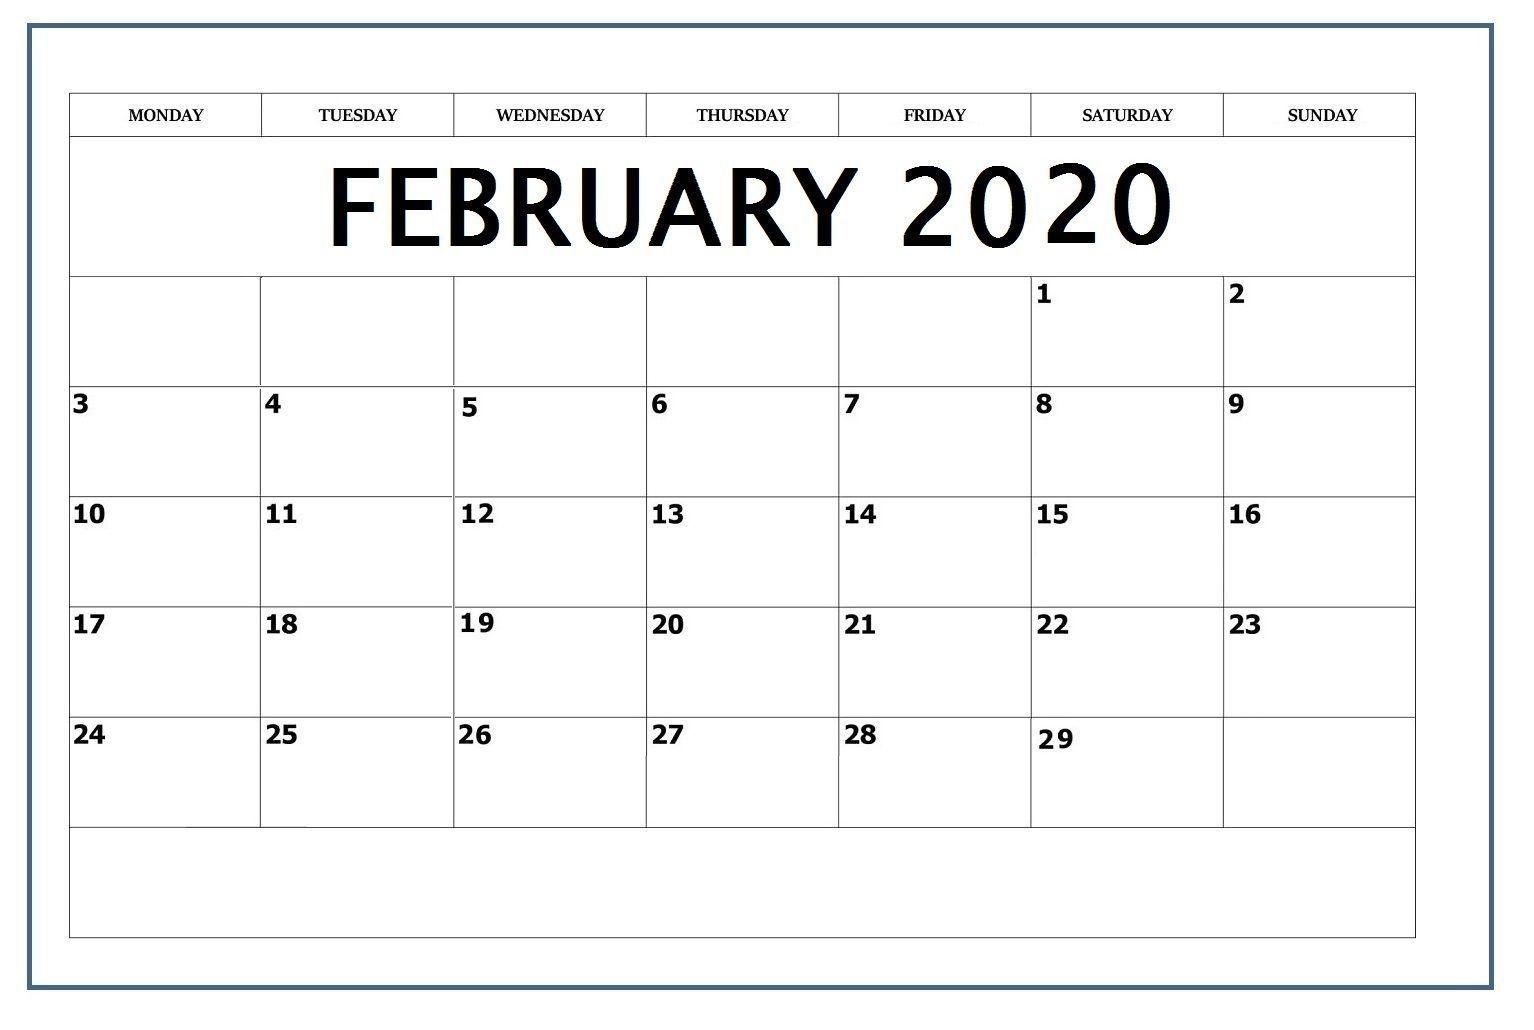 Free Online Calander I Can Edit | Get Your Calendar Printable